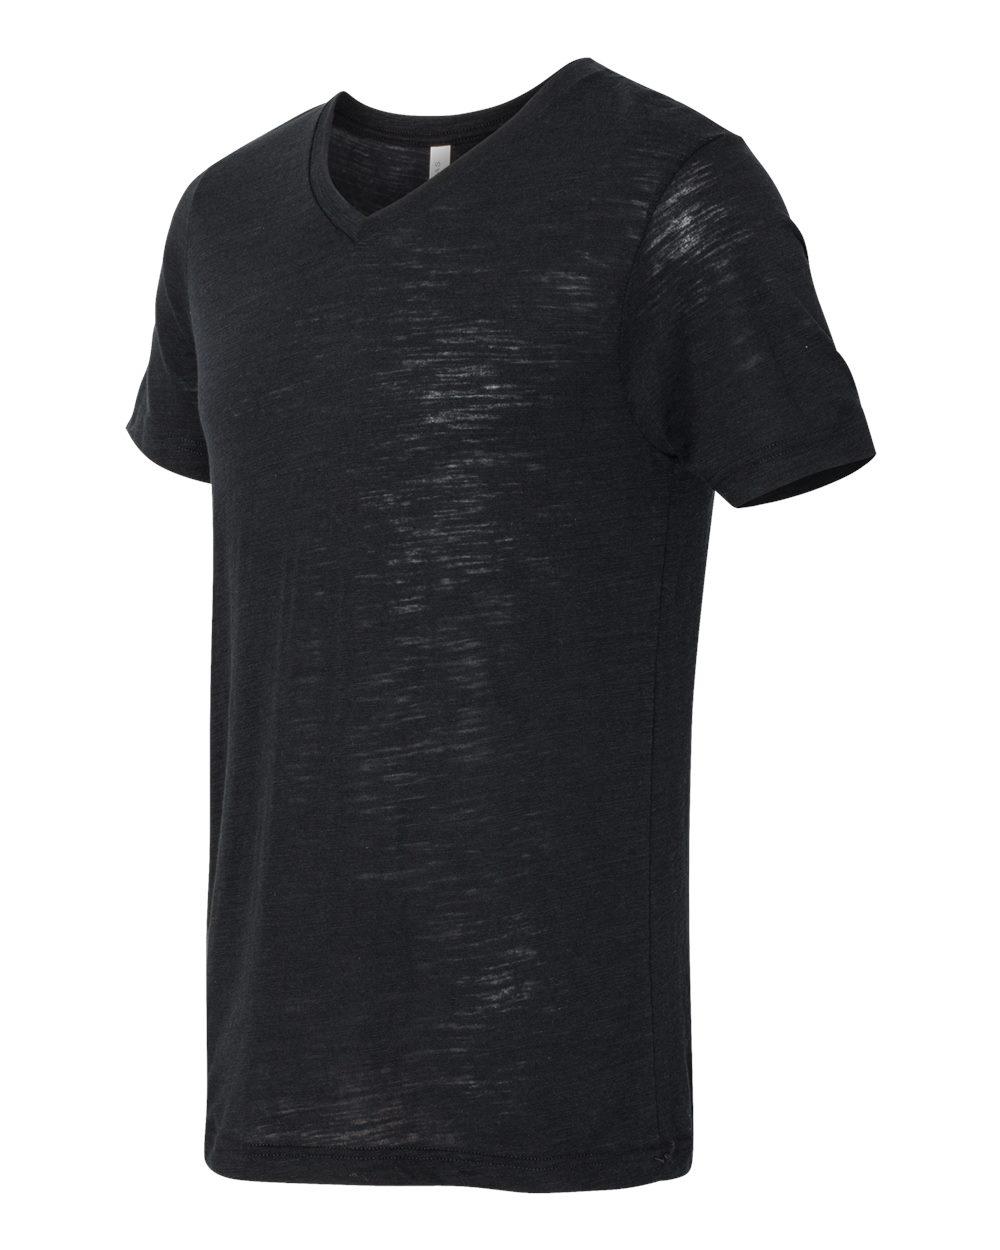 Bella-Canvas-Men-039-s-Jersey-Short-Sleeve-V-Neck-T-Shirt-3005-XS-3XL thumbnail 133